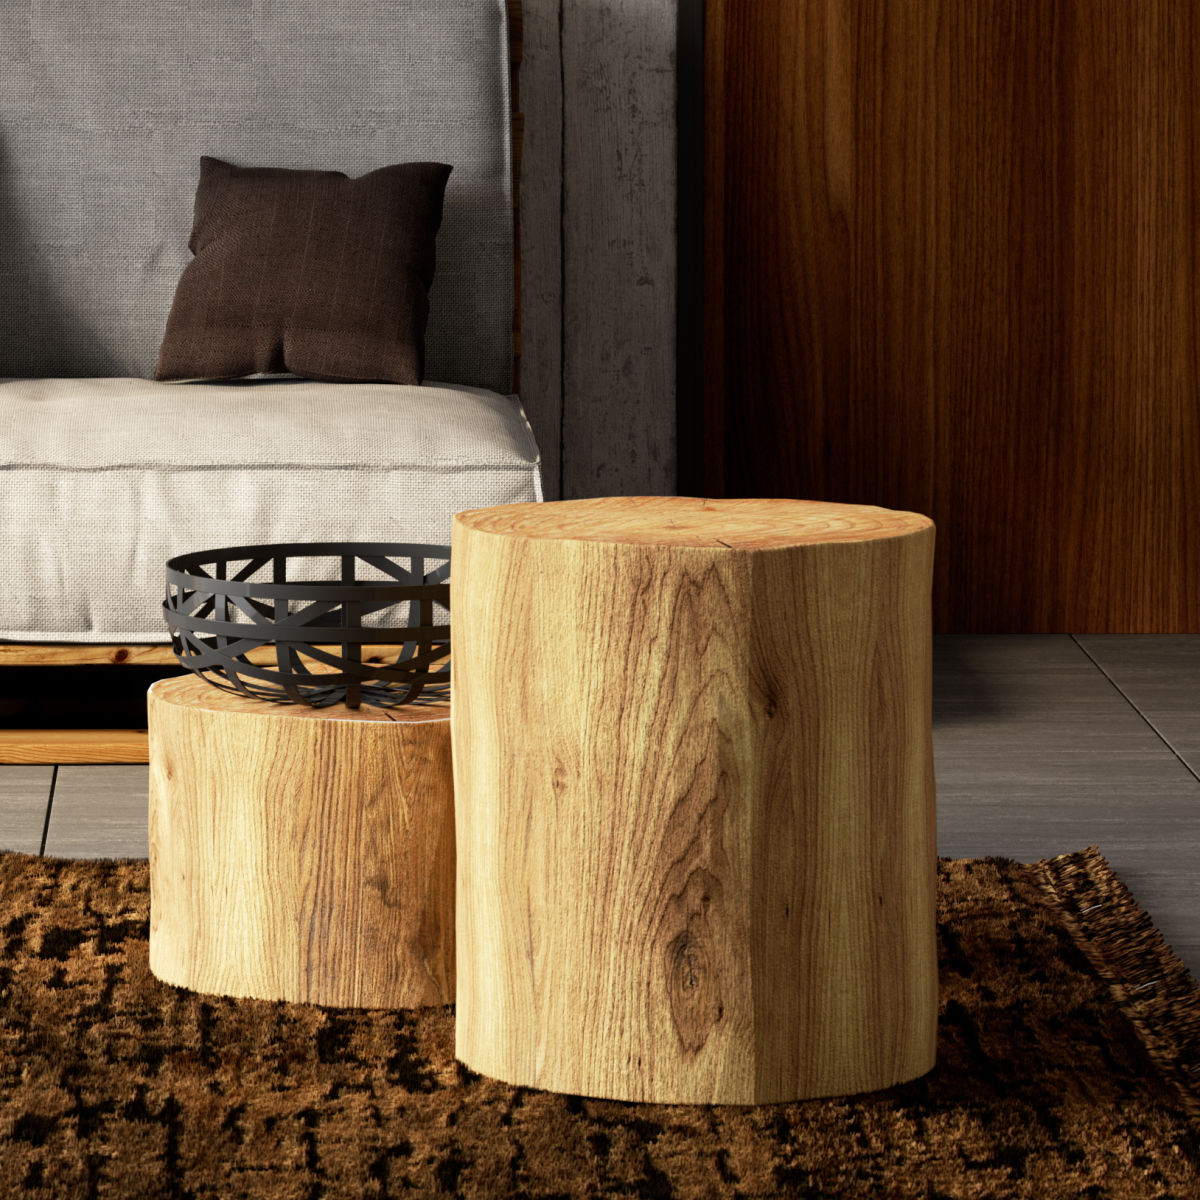 Tronco tondo legno 30 40 x h 45 cm grezzo prezzi e for Ricambi zanzariere leroy merlin